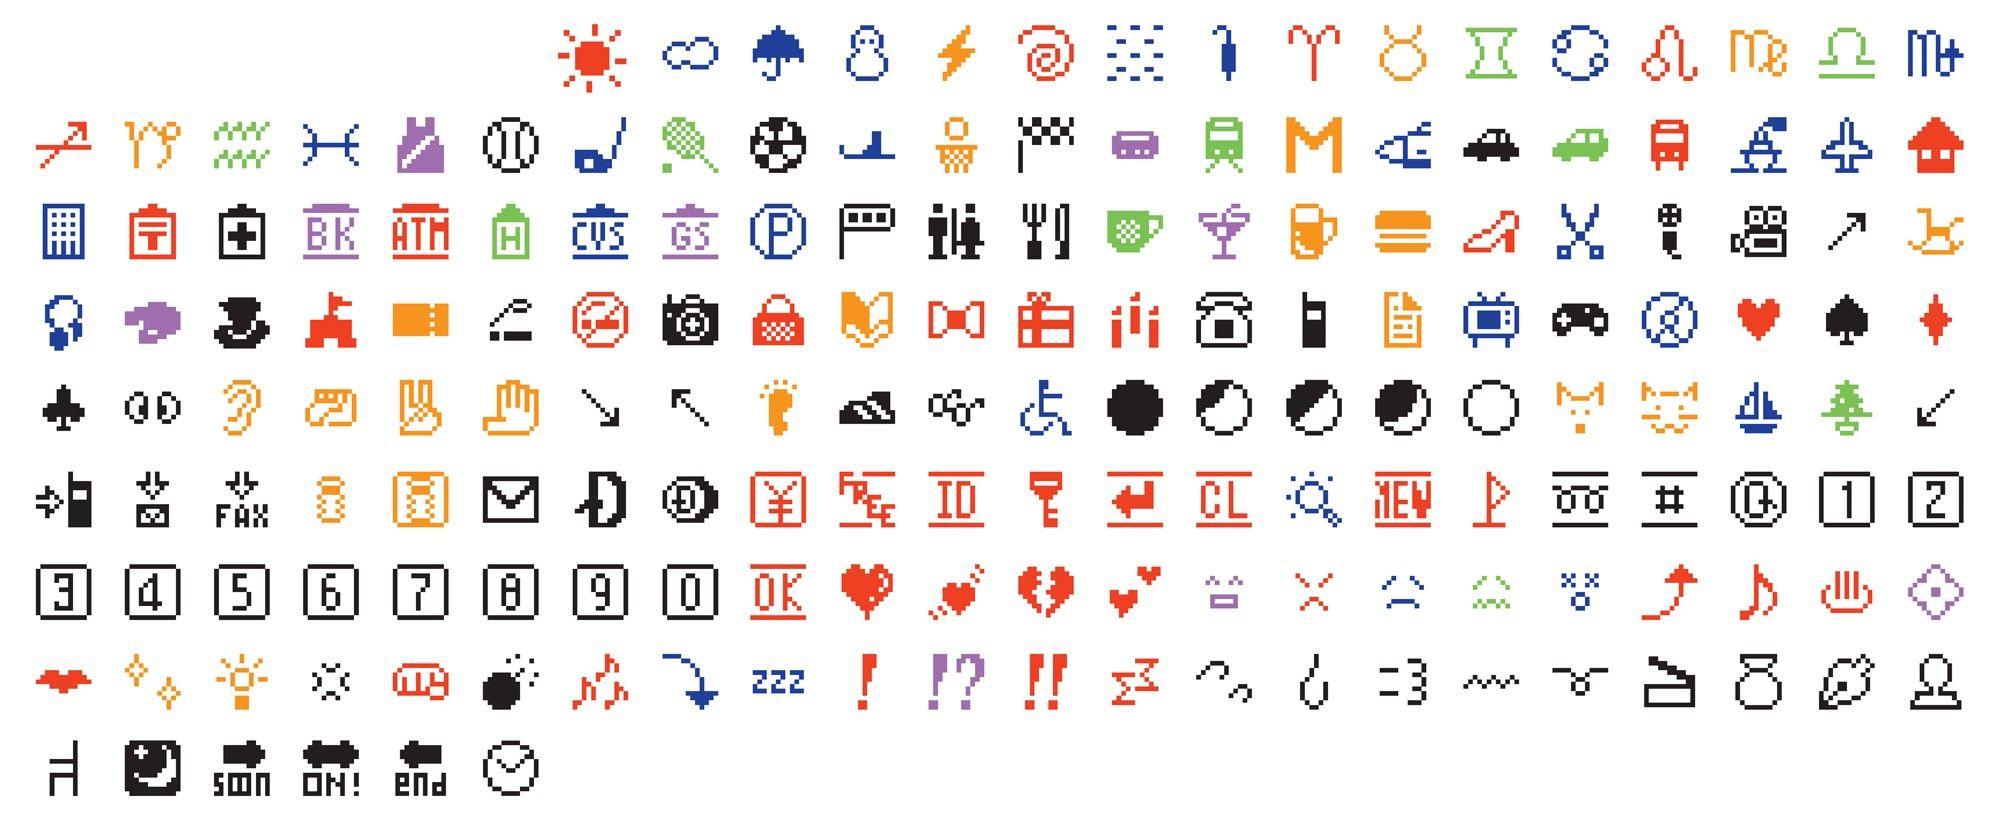 Emojis by NTT Docomo